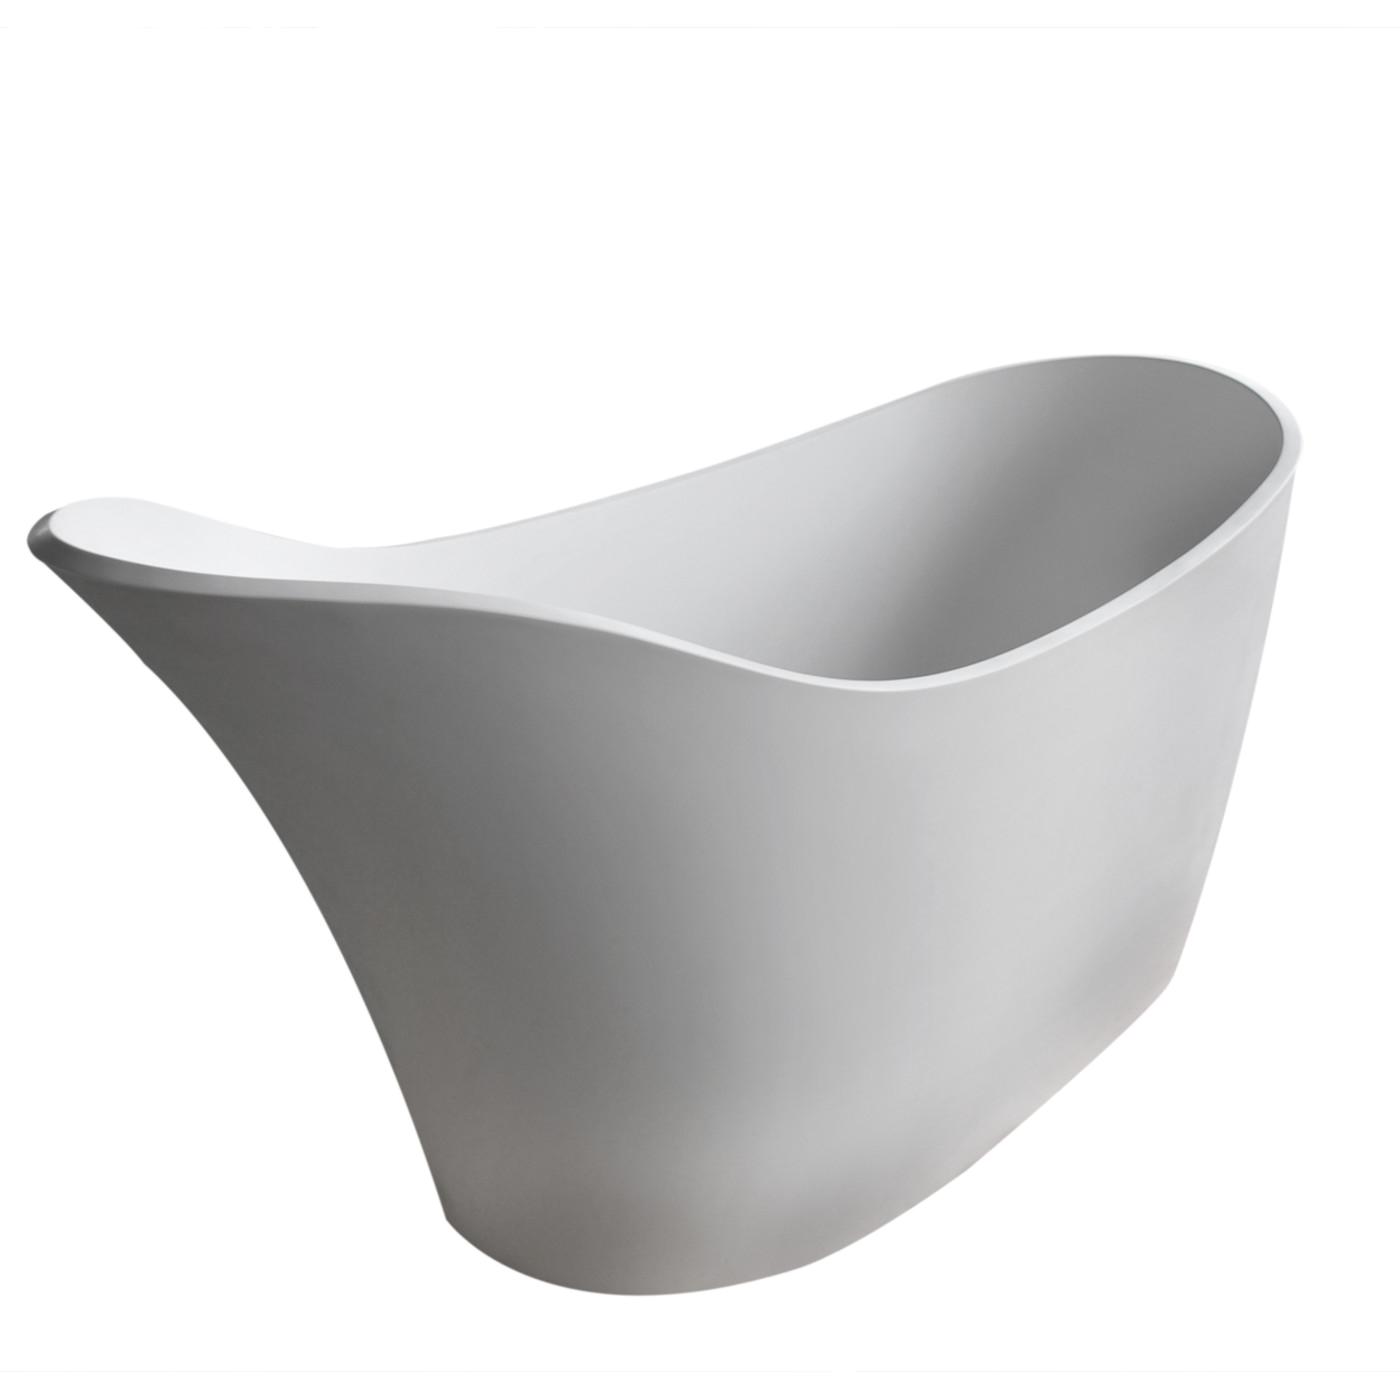 Freestanding Bathtub 6 Ft Alto 5 6 Ft Man Made Stone Center Drain Freestanding